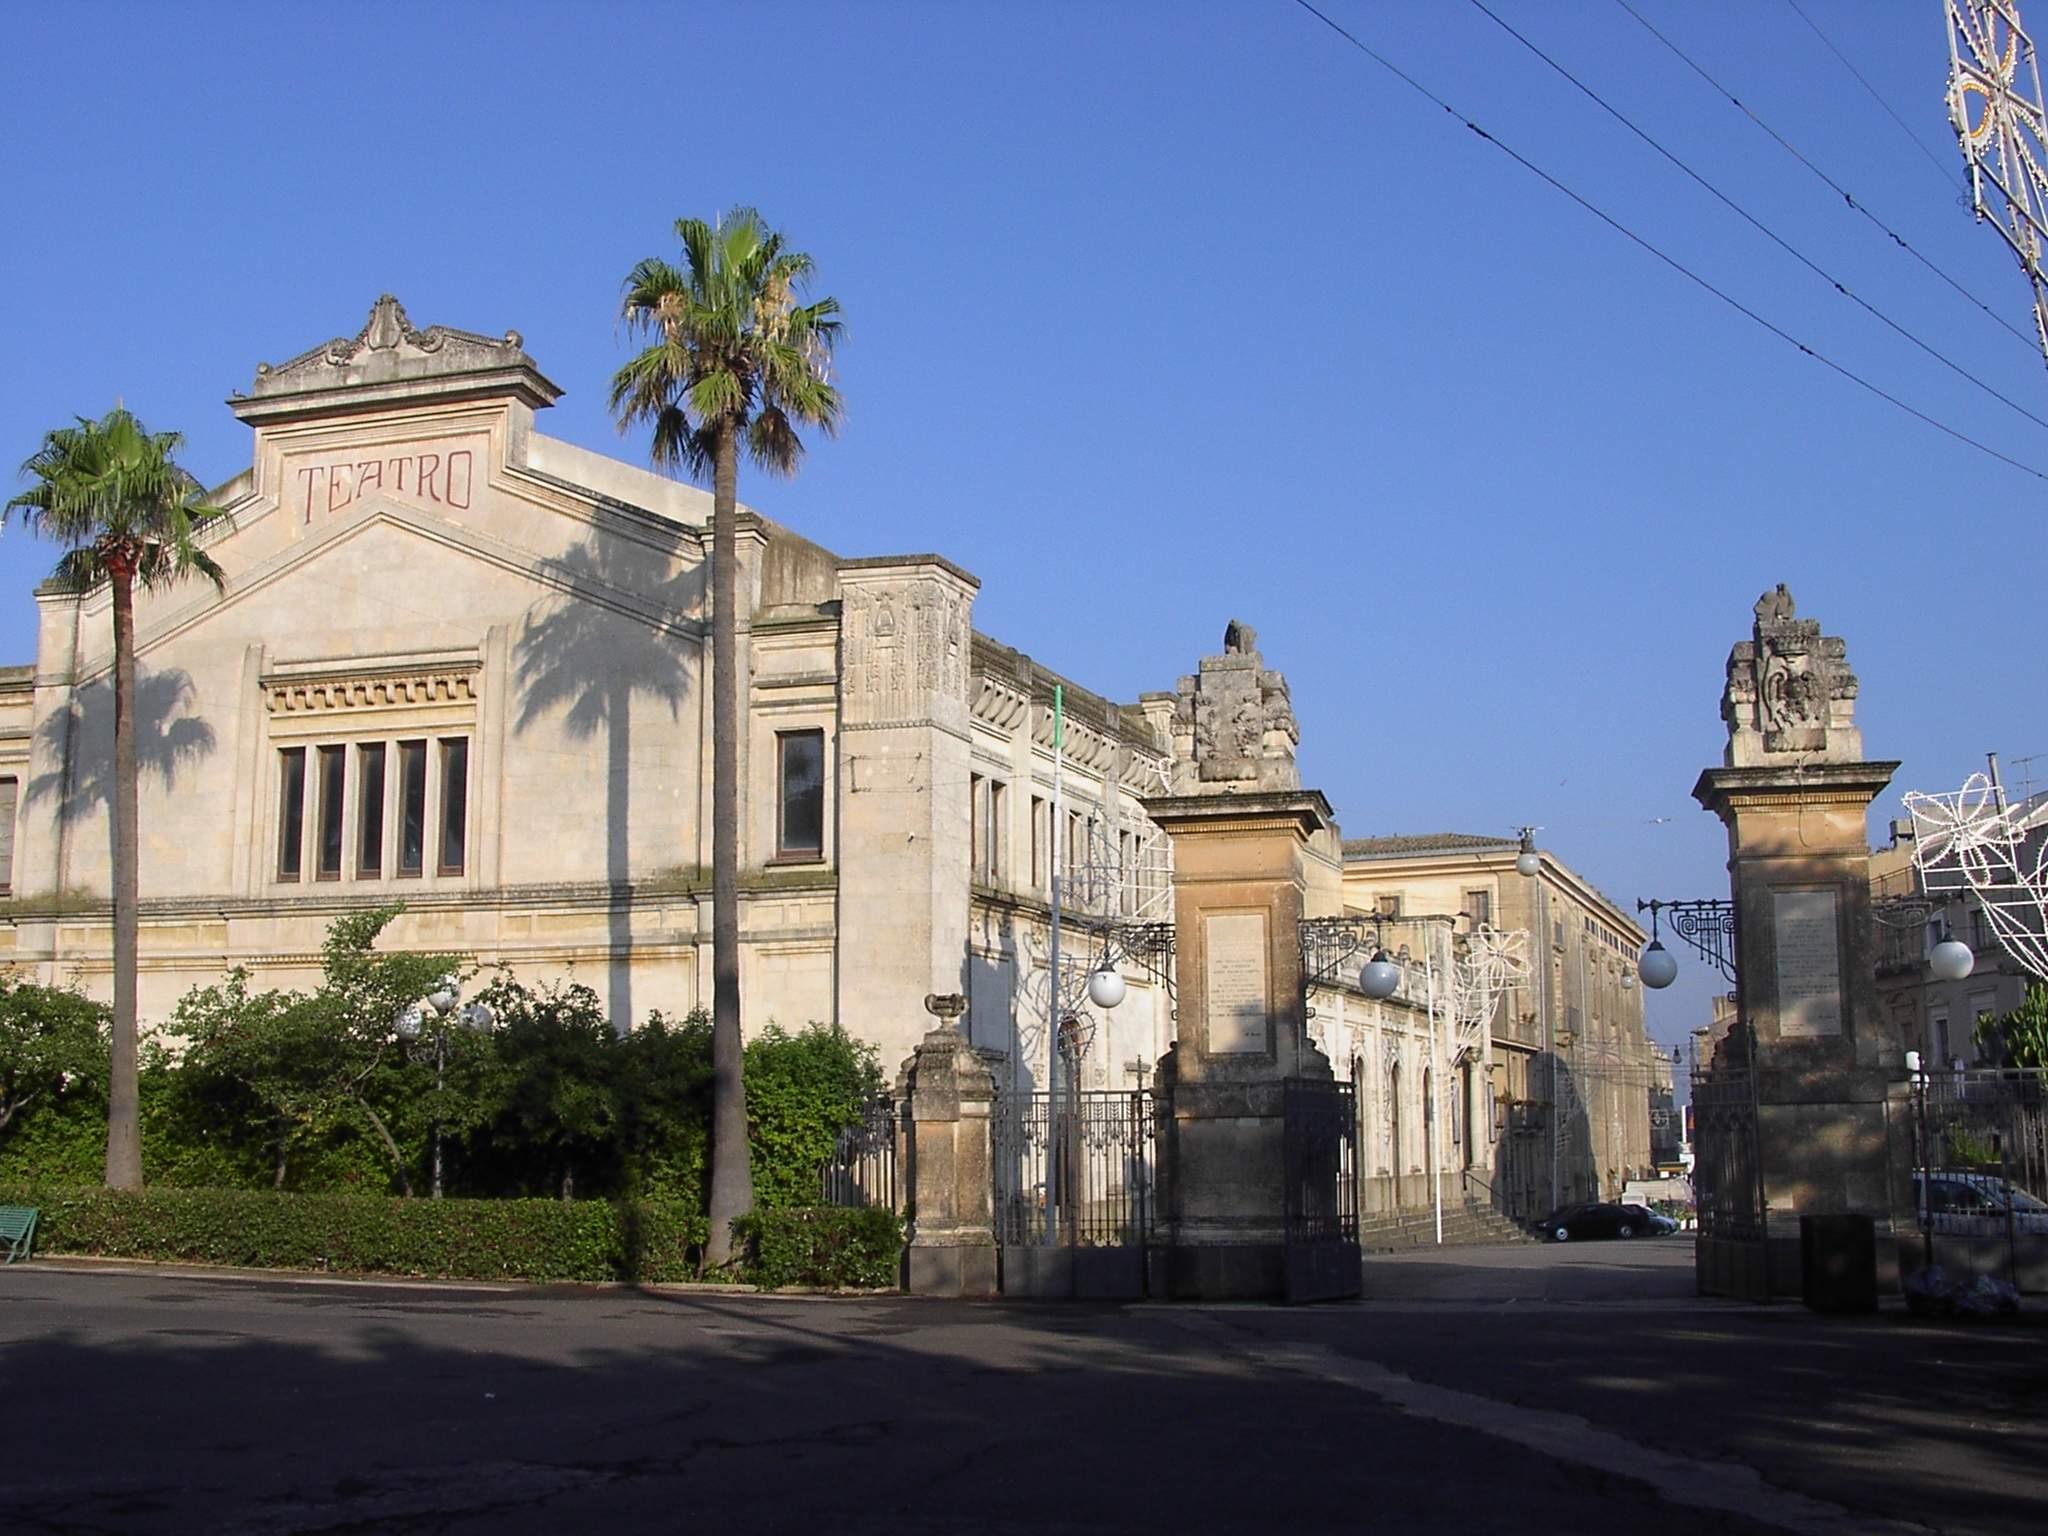 Giardino Pubblico Vittorio Emanuele, Caltagirone (Catania)